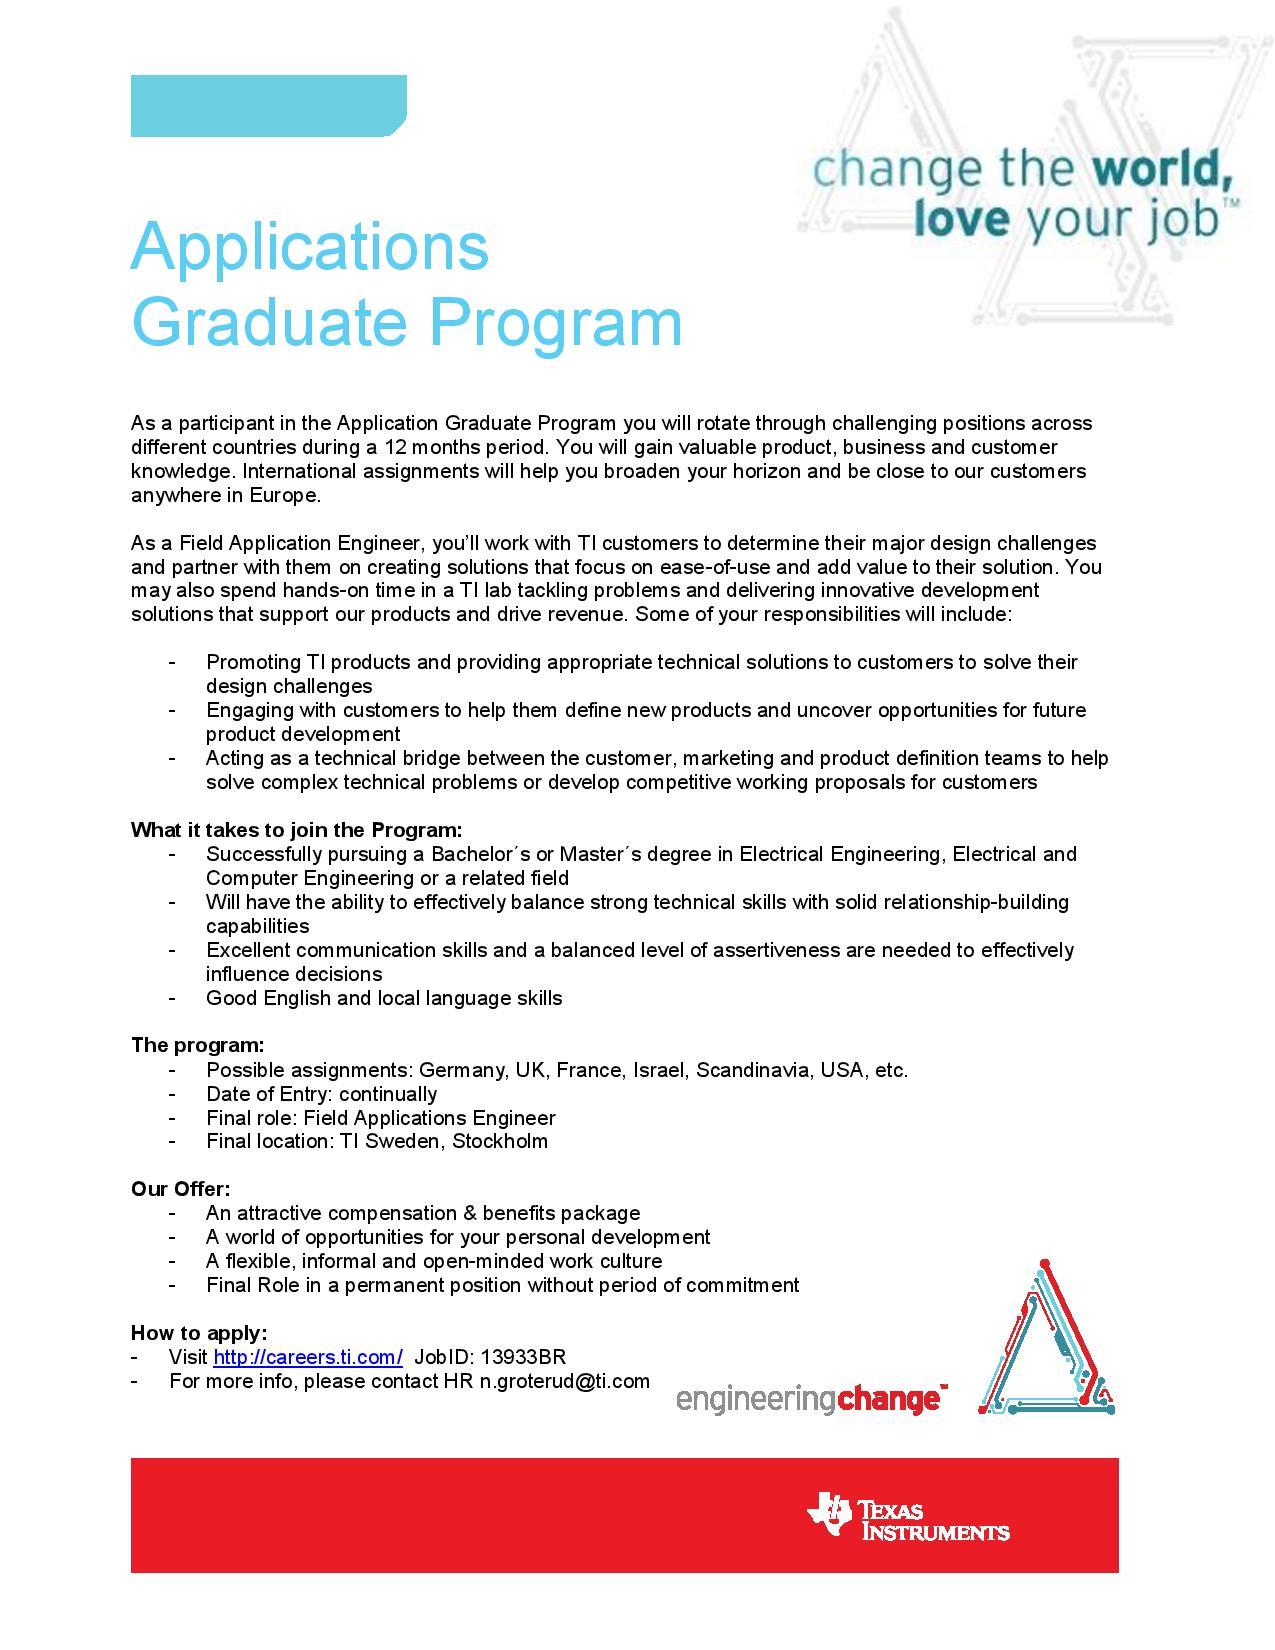 Applications Graduate Progam_Sweden-page-001